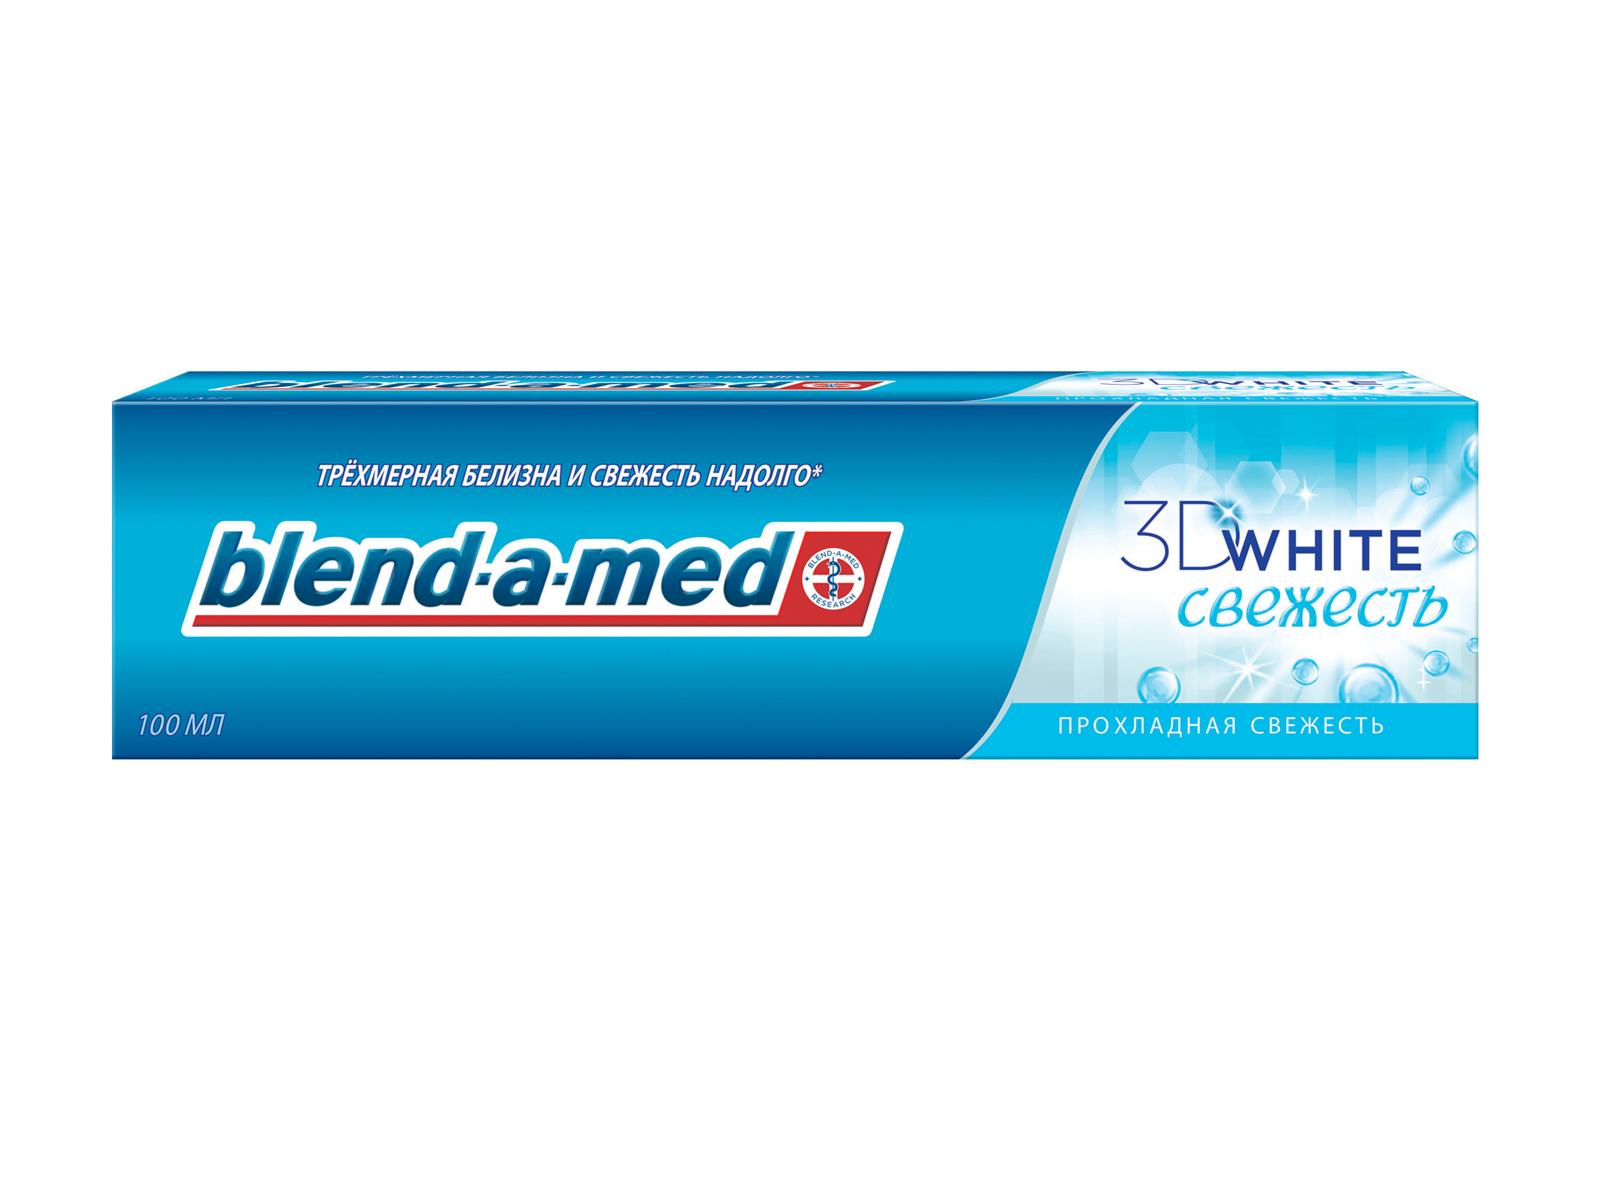 Blend-a-med Зубная паста 3D White Прохладная Свежесть, 100 млBM-81419621Ослепительно белые зубы и свежесть дыхания! 3D White Прохладная Свежесть - это не только освежающий эффект, но и уникальные микрогранулы, которые содержатся в категории паст 3DWhite. Ваши зубы останутся ослепительно белыми во всех трех измерениях: впереди, сзади и даже в промежутках между зубами. - Трехмерная белизна и свежесть надолго. - Обеспечивает качественный уход за здоровьем полости рта. - Возвращает естественную белизну зубов. - Отбеливающие частицы, оказывающие воздействие на поверхность языка, десен и зубов, сохраняют ваши зубы ослепительно белоснежными во всех трех измерениях – впереди, сзади и даже в промежутках между зубами! - Безопасно для эмали. Срок хранения – 2 года. «Проктер энд Гэмбл», Германия.